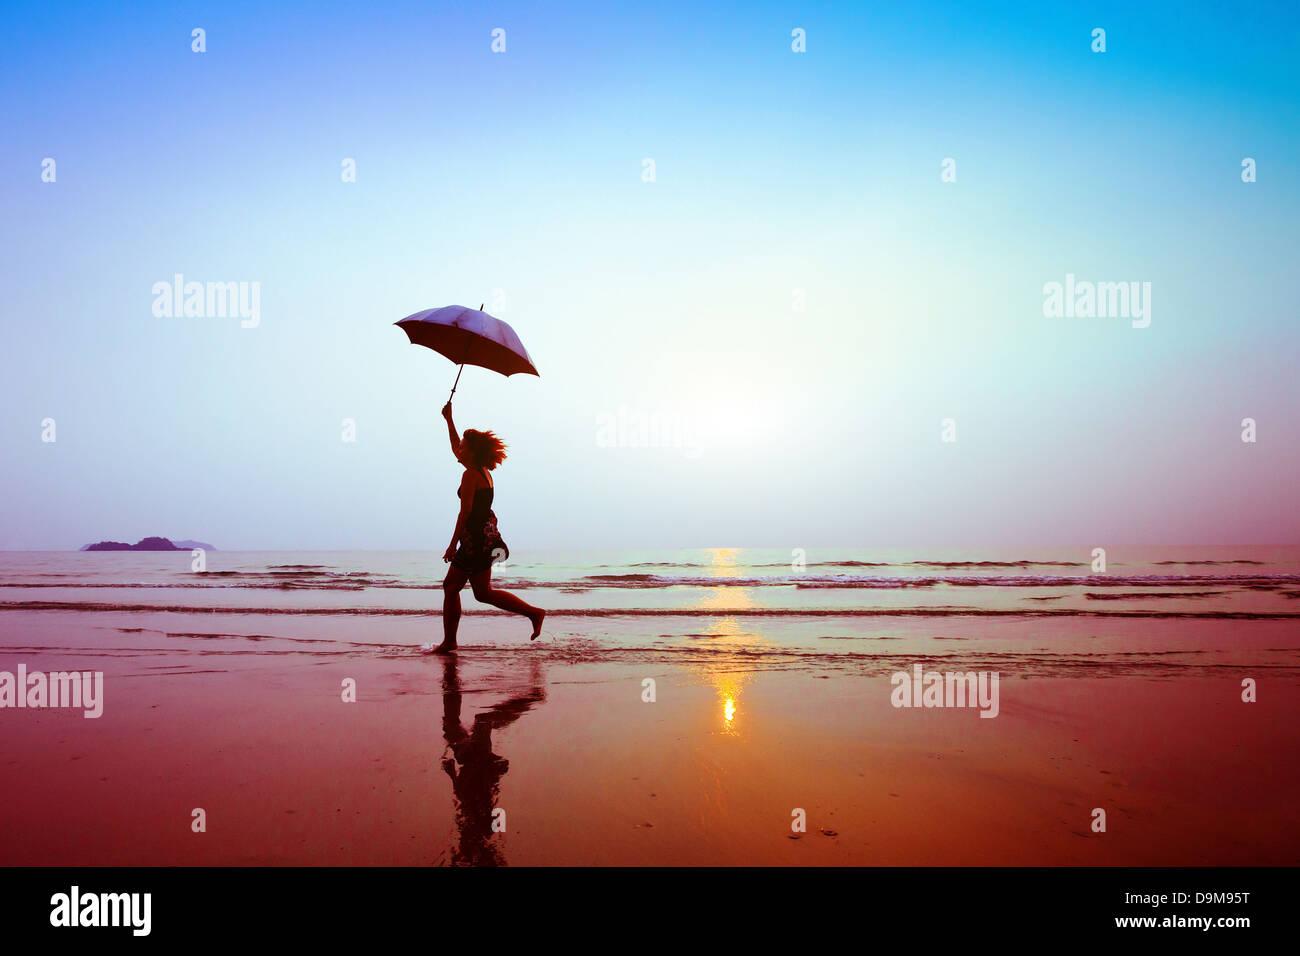 Silhouette der glücklich läuft Frau mit Regenschirm Stockbild